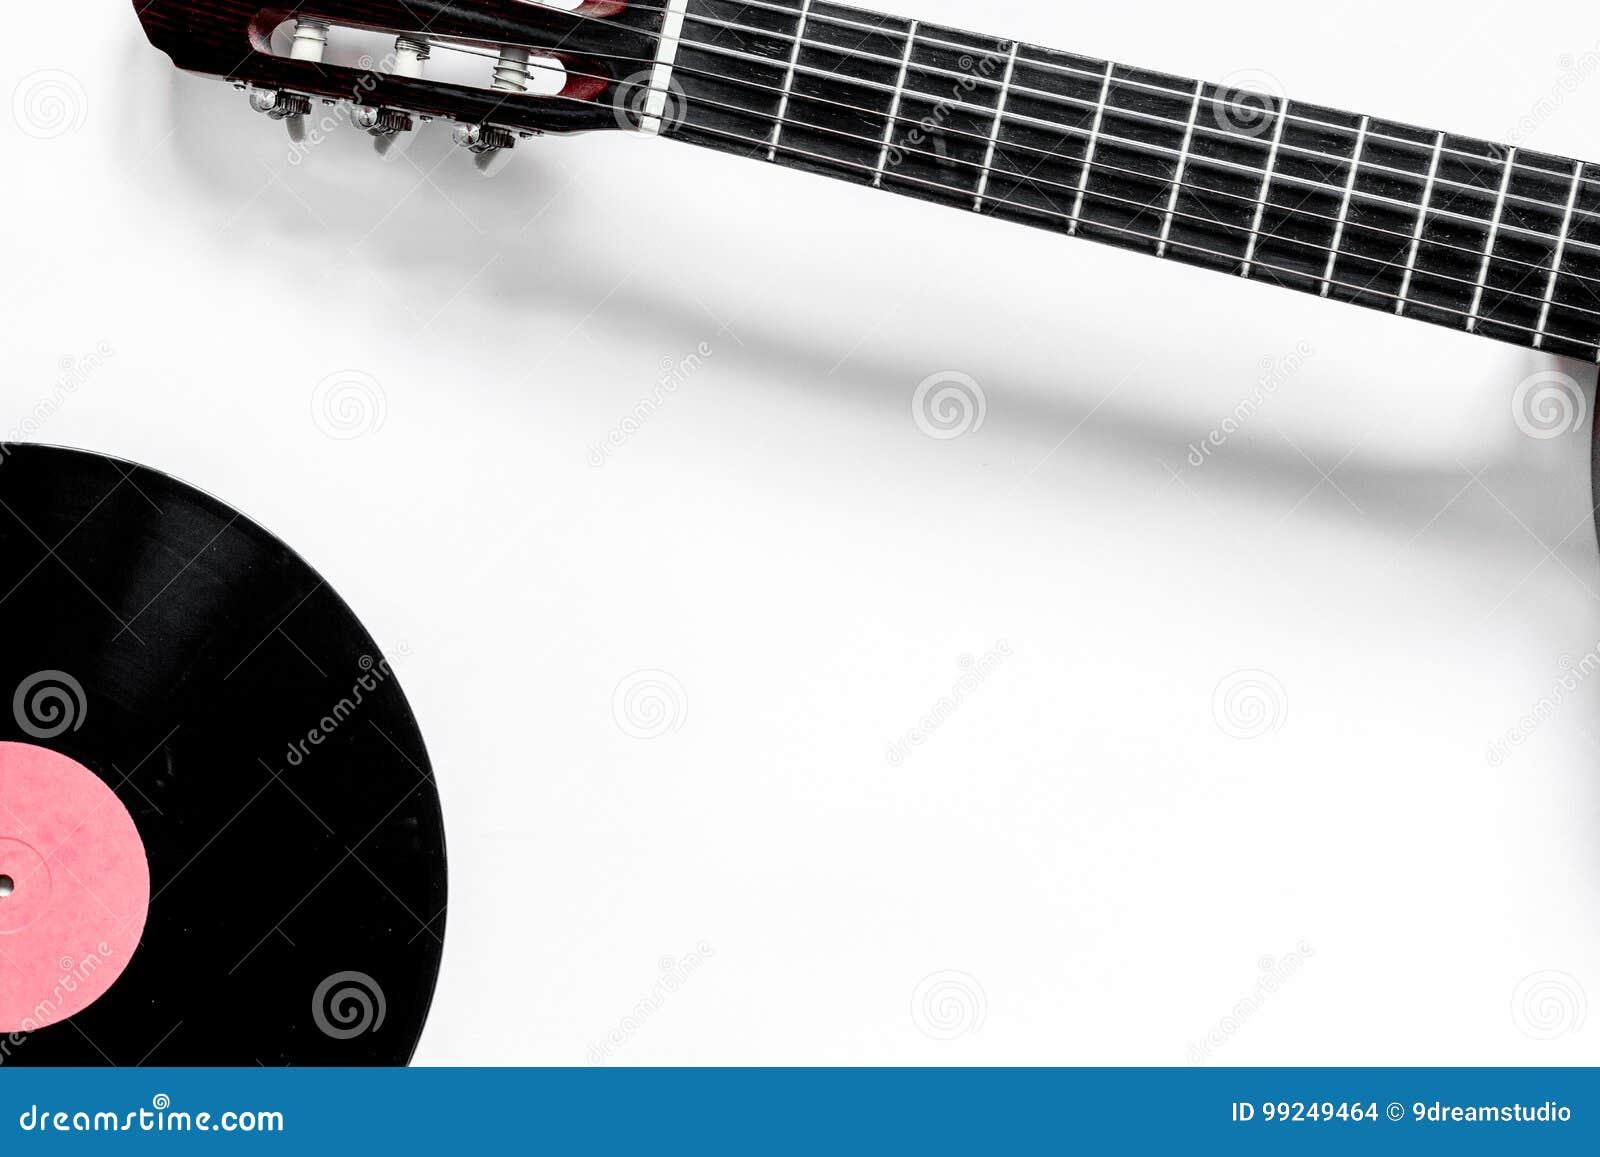 Guitare avec le disque vinyle dans le studio de musique pour la